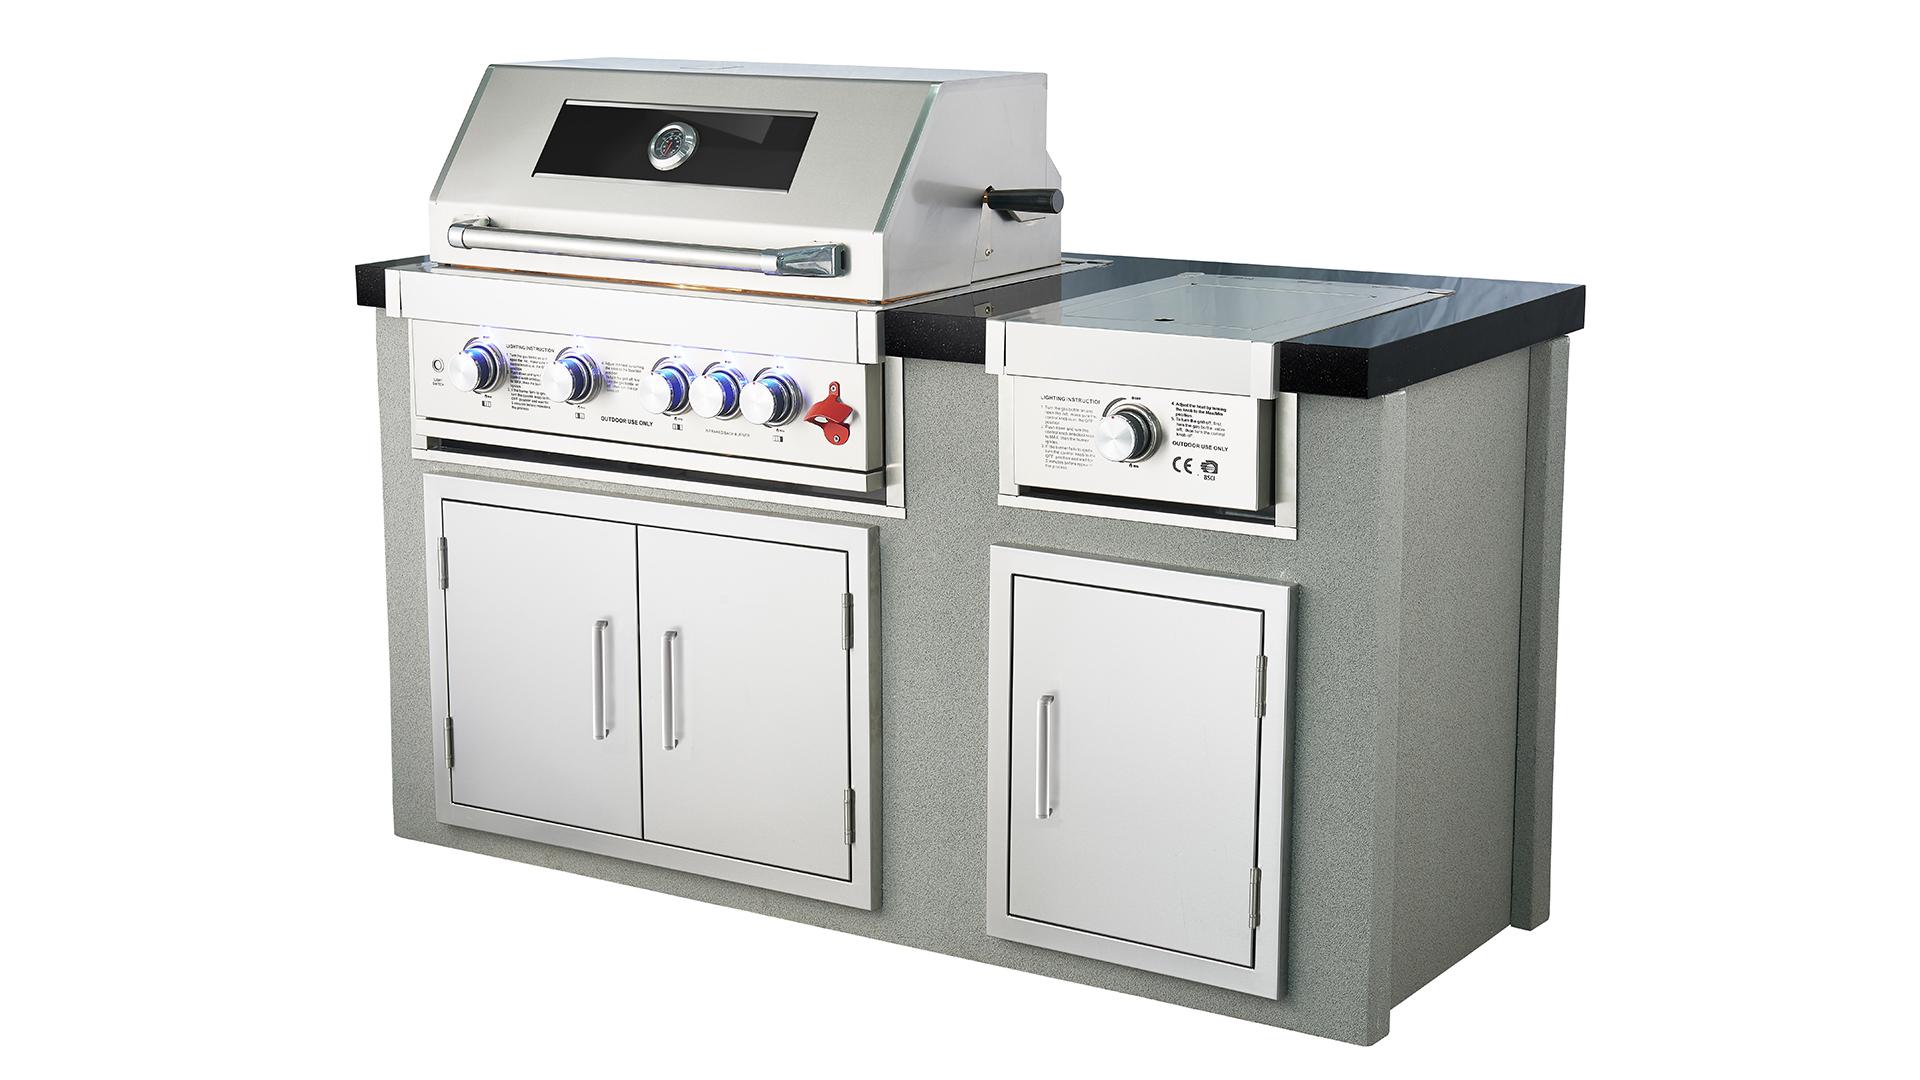 WST-005 Outdoor Kitchen Rustfritt Stål 5 Brennere 4 Furnace 1 Side Furnace 1 Infrarød Back Burner Villa Party Bygget i BBQ Gas Grills